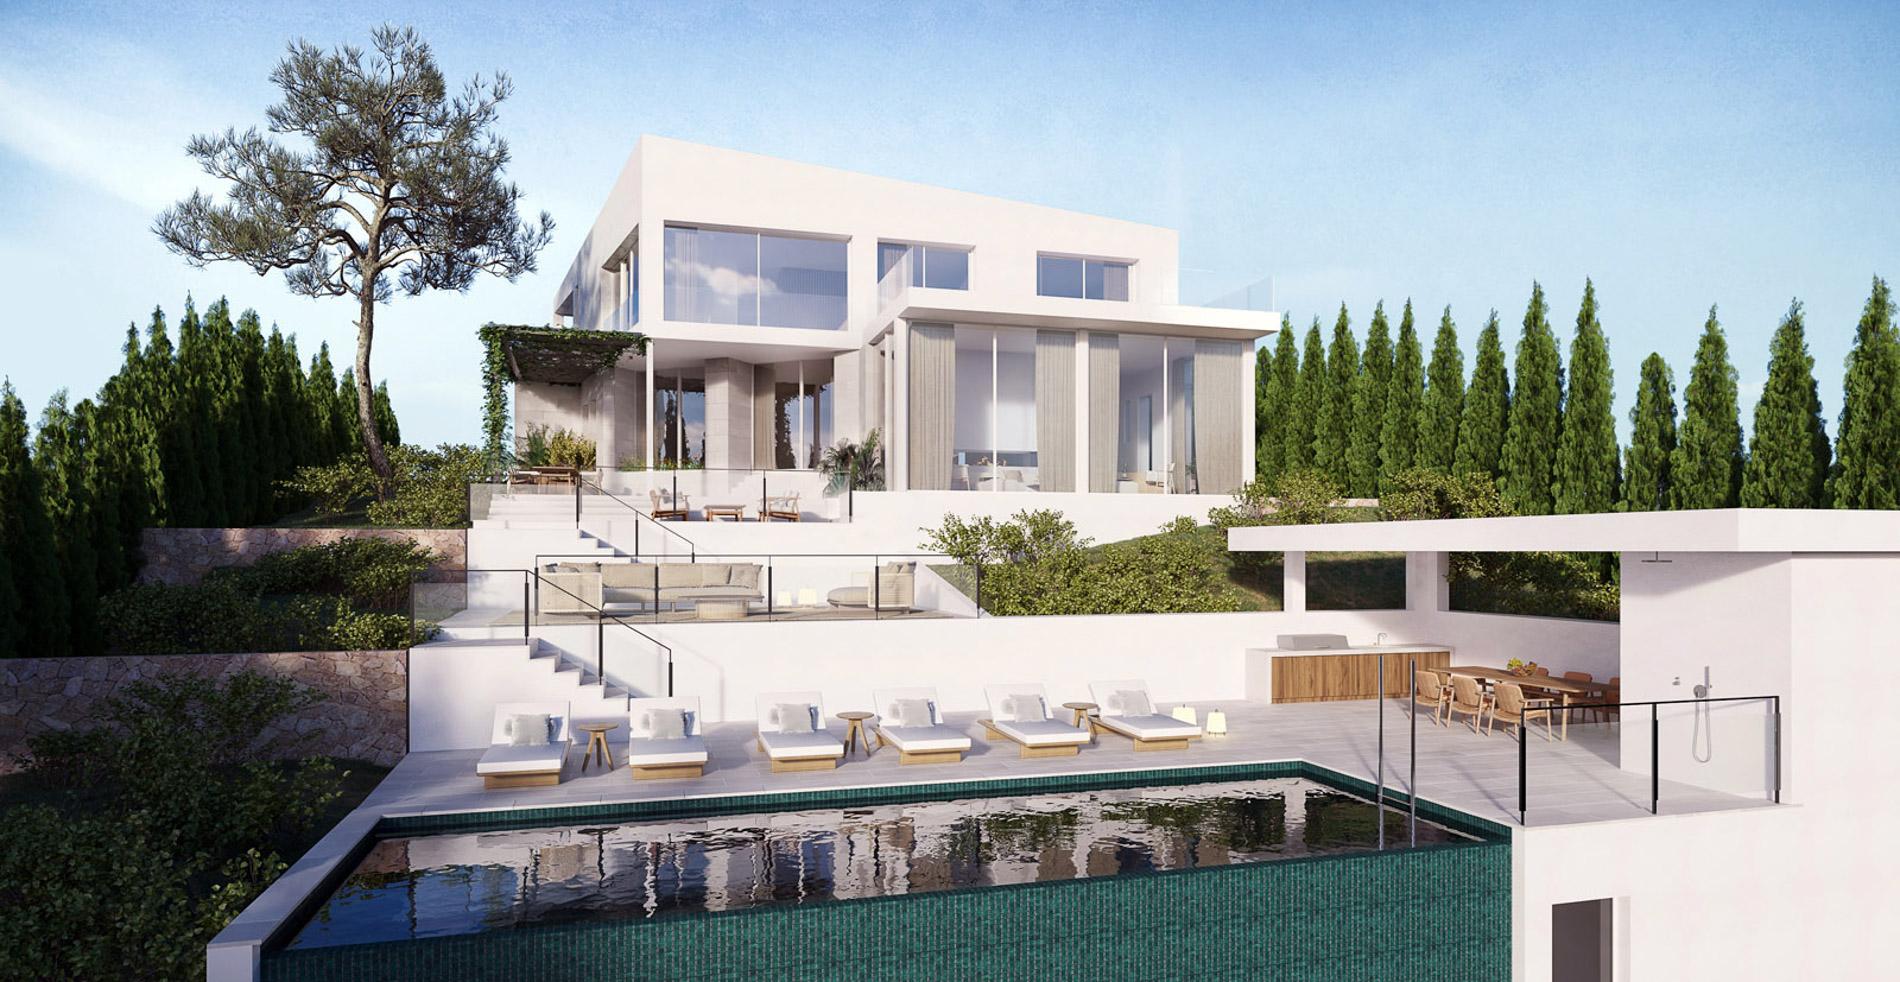 Portal Inmobiliario de Lujo en Costa d'En Blanes, presenta chalet premium venta en Mallorca, propiedades de alta gama para comprar y villas lujosas en venta en Baleares.